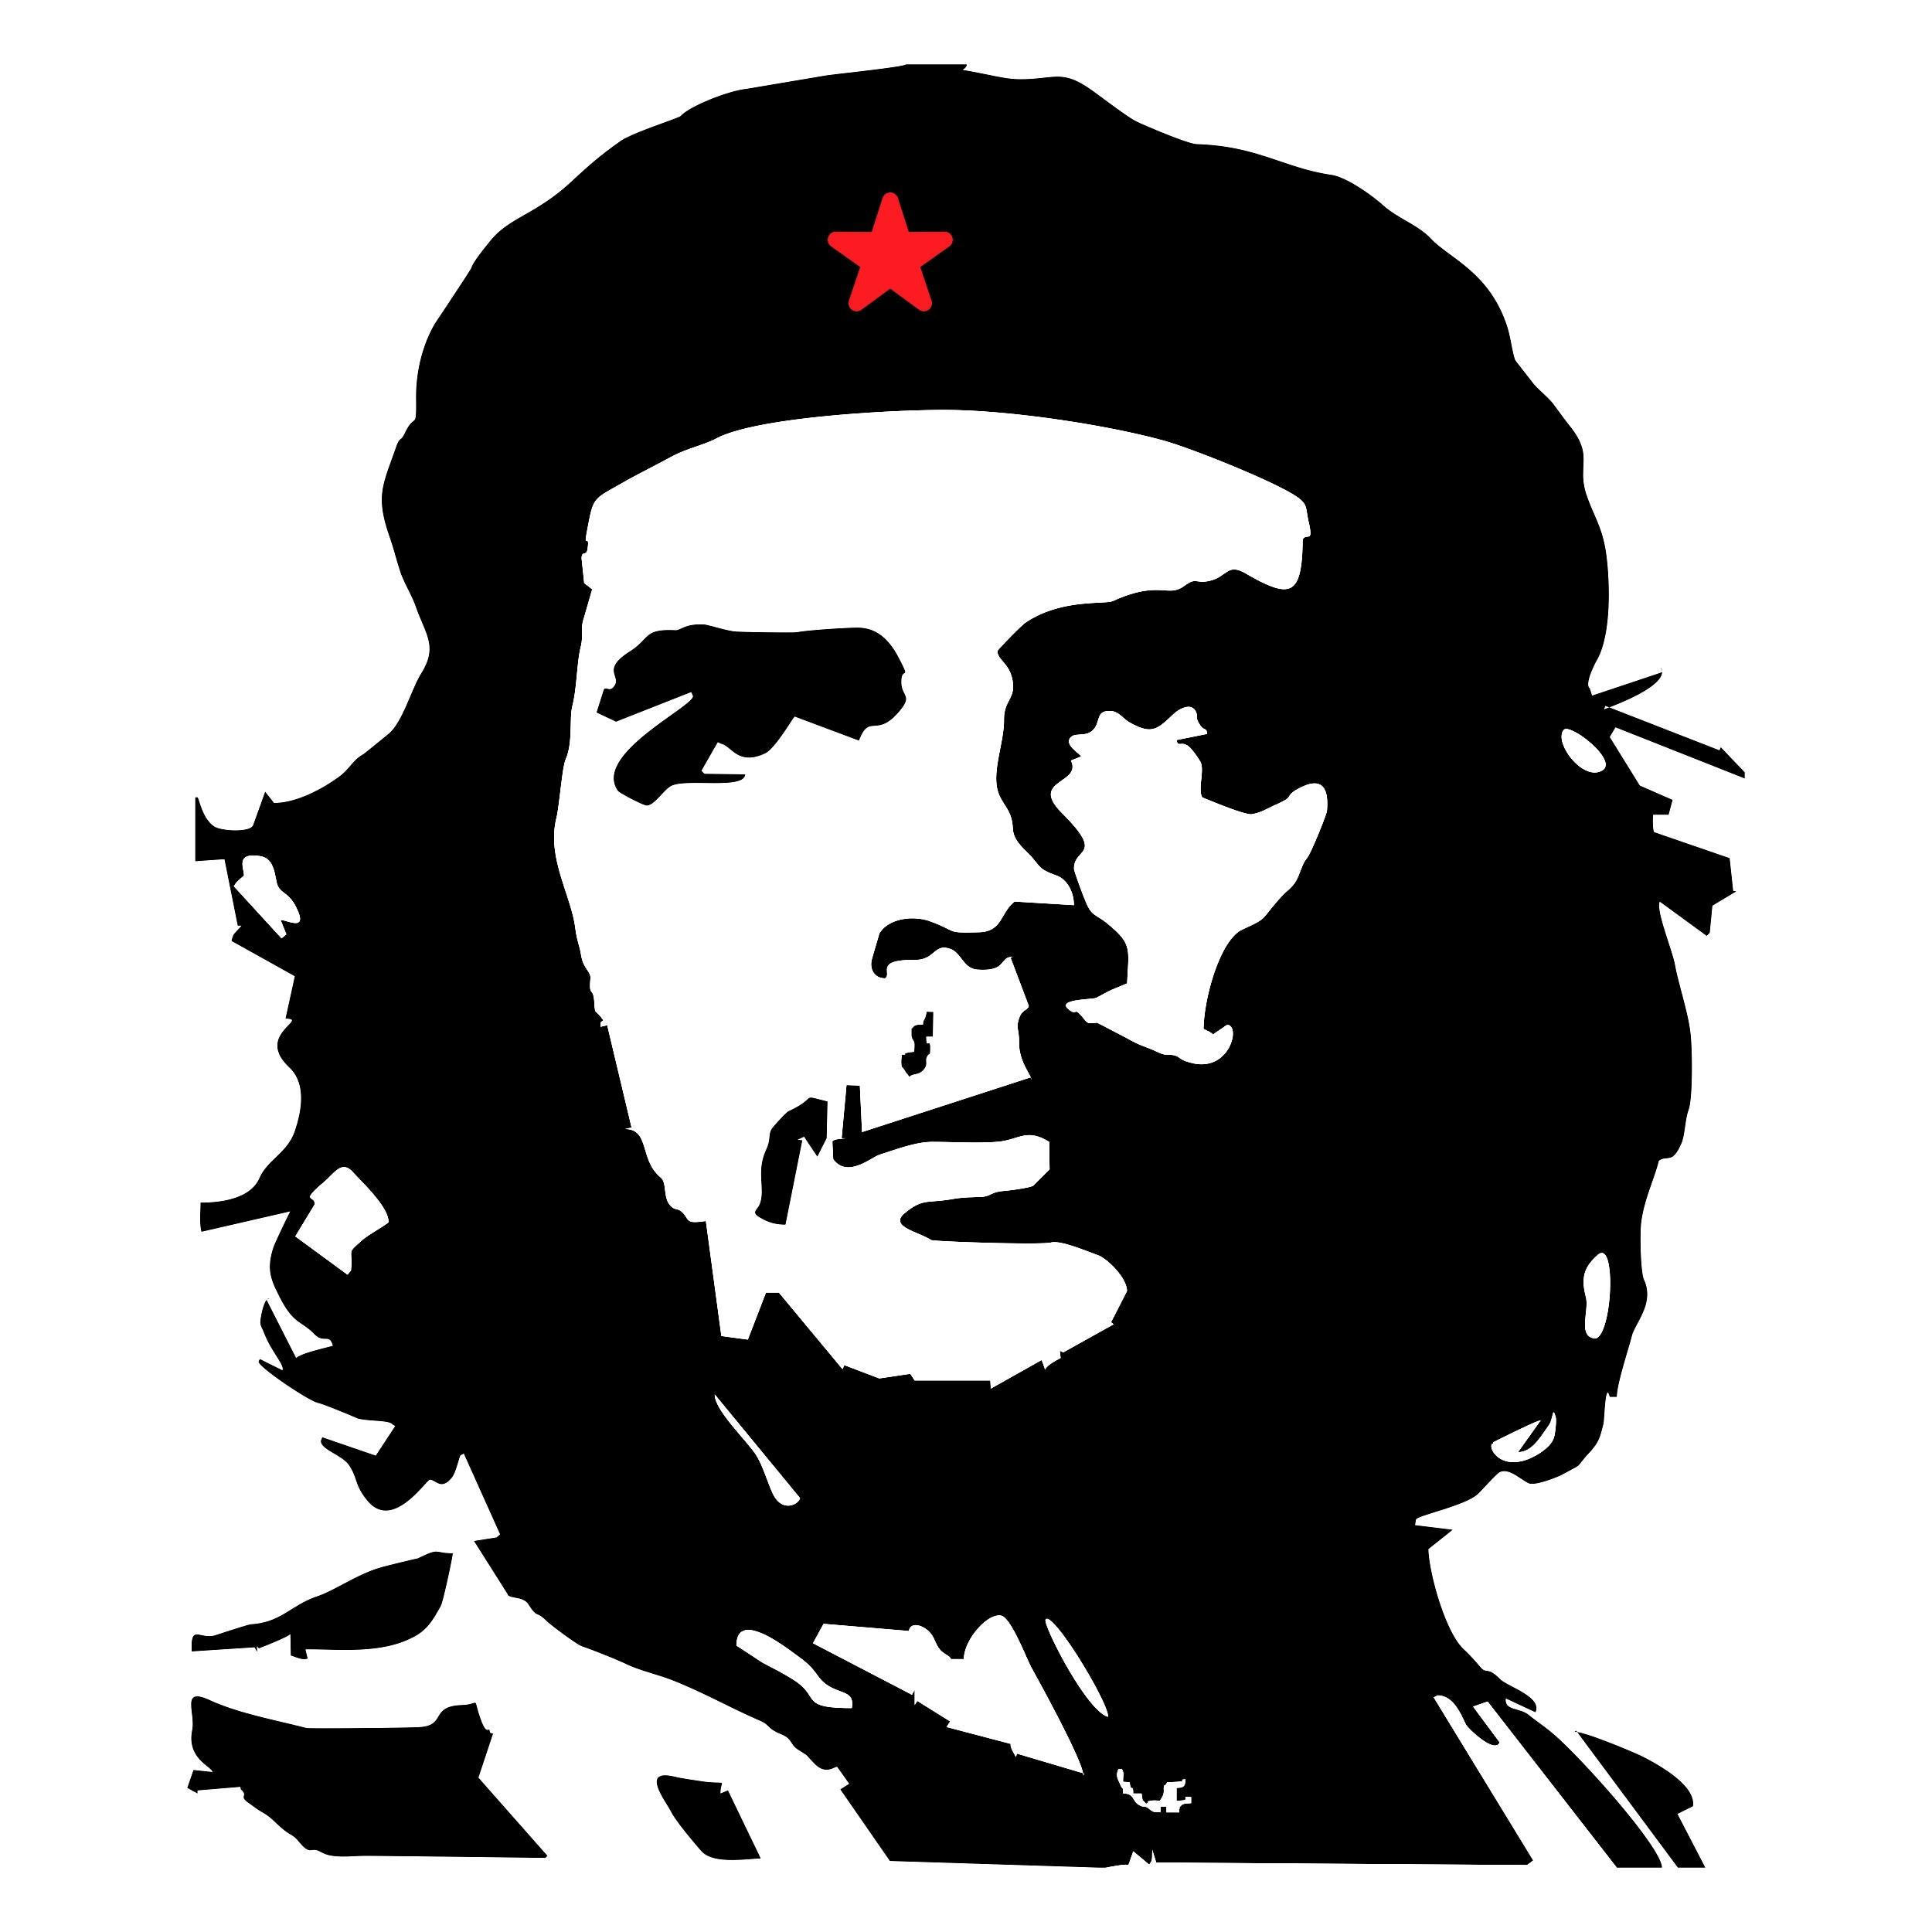 Aufkleber Che Guevara Kontur 135 X 110 Mm Schneller Versand Innerhalb 24 Stunden